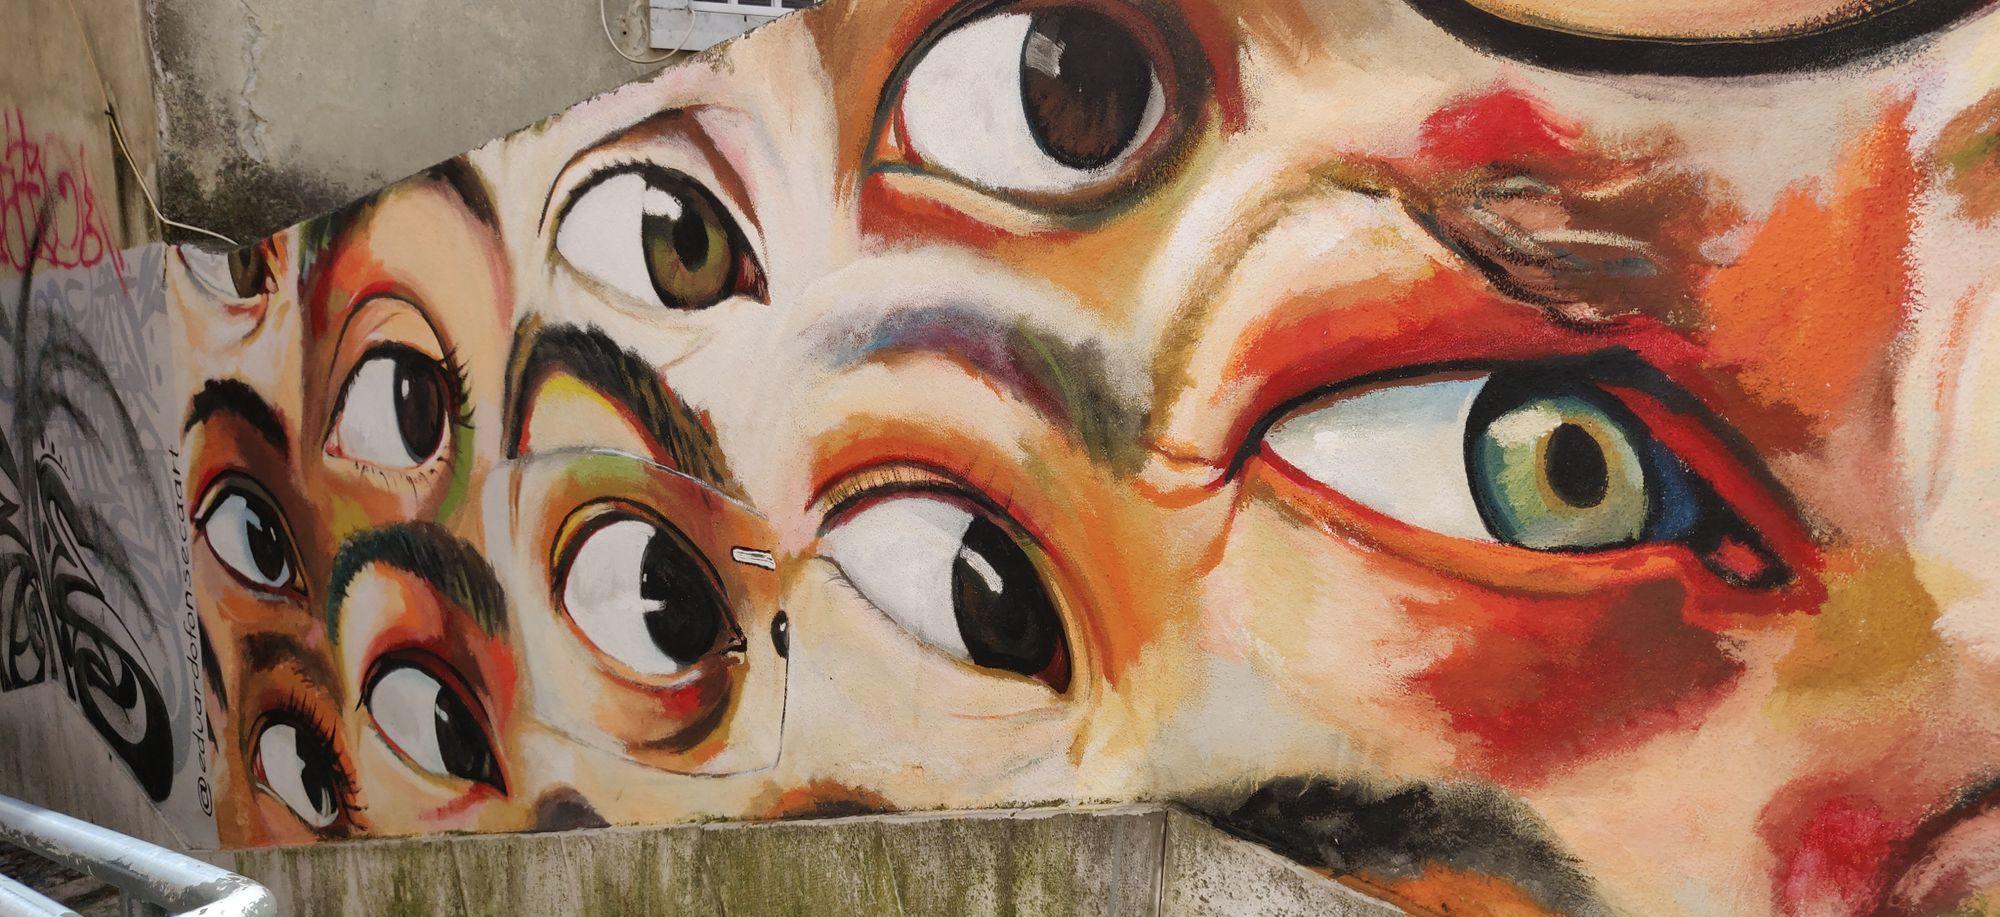 Des yeux dessinés sur un mur